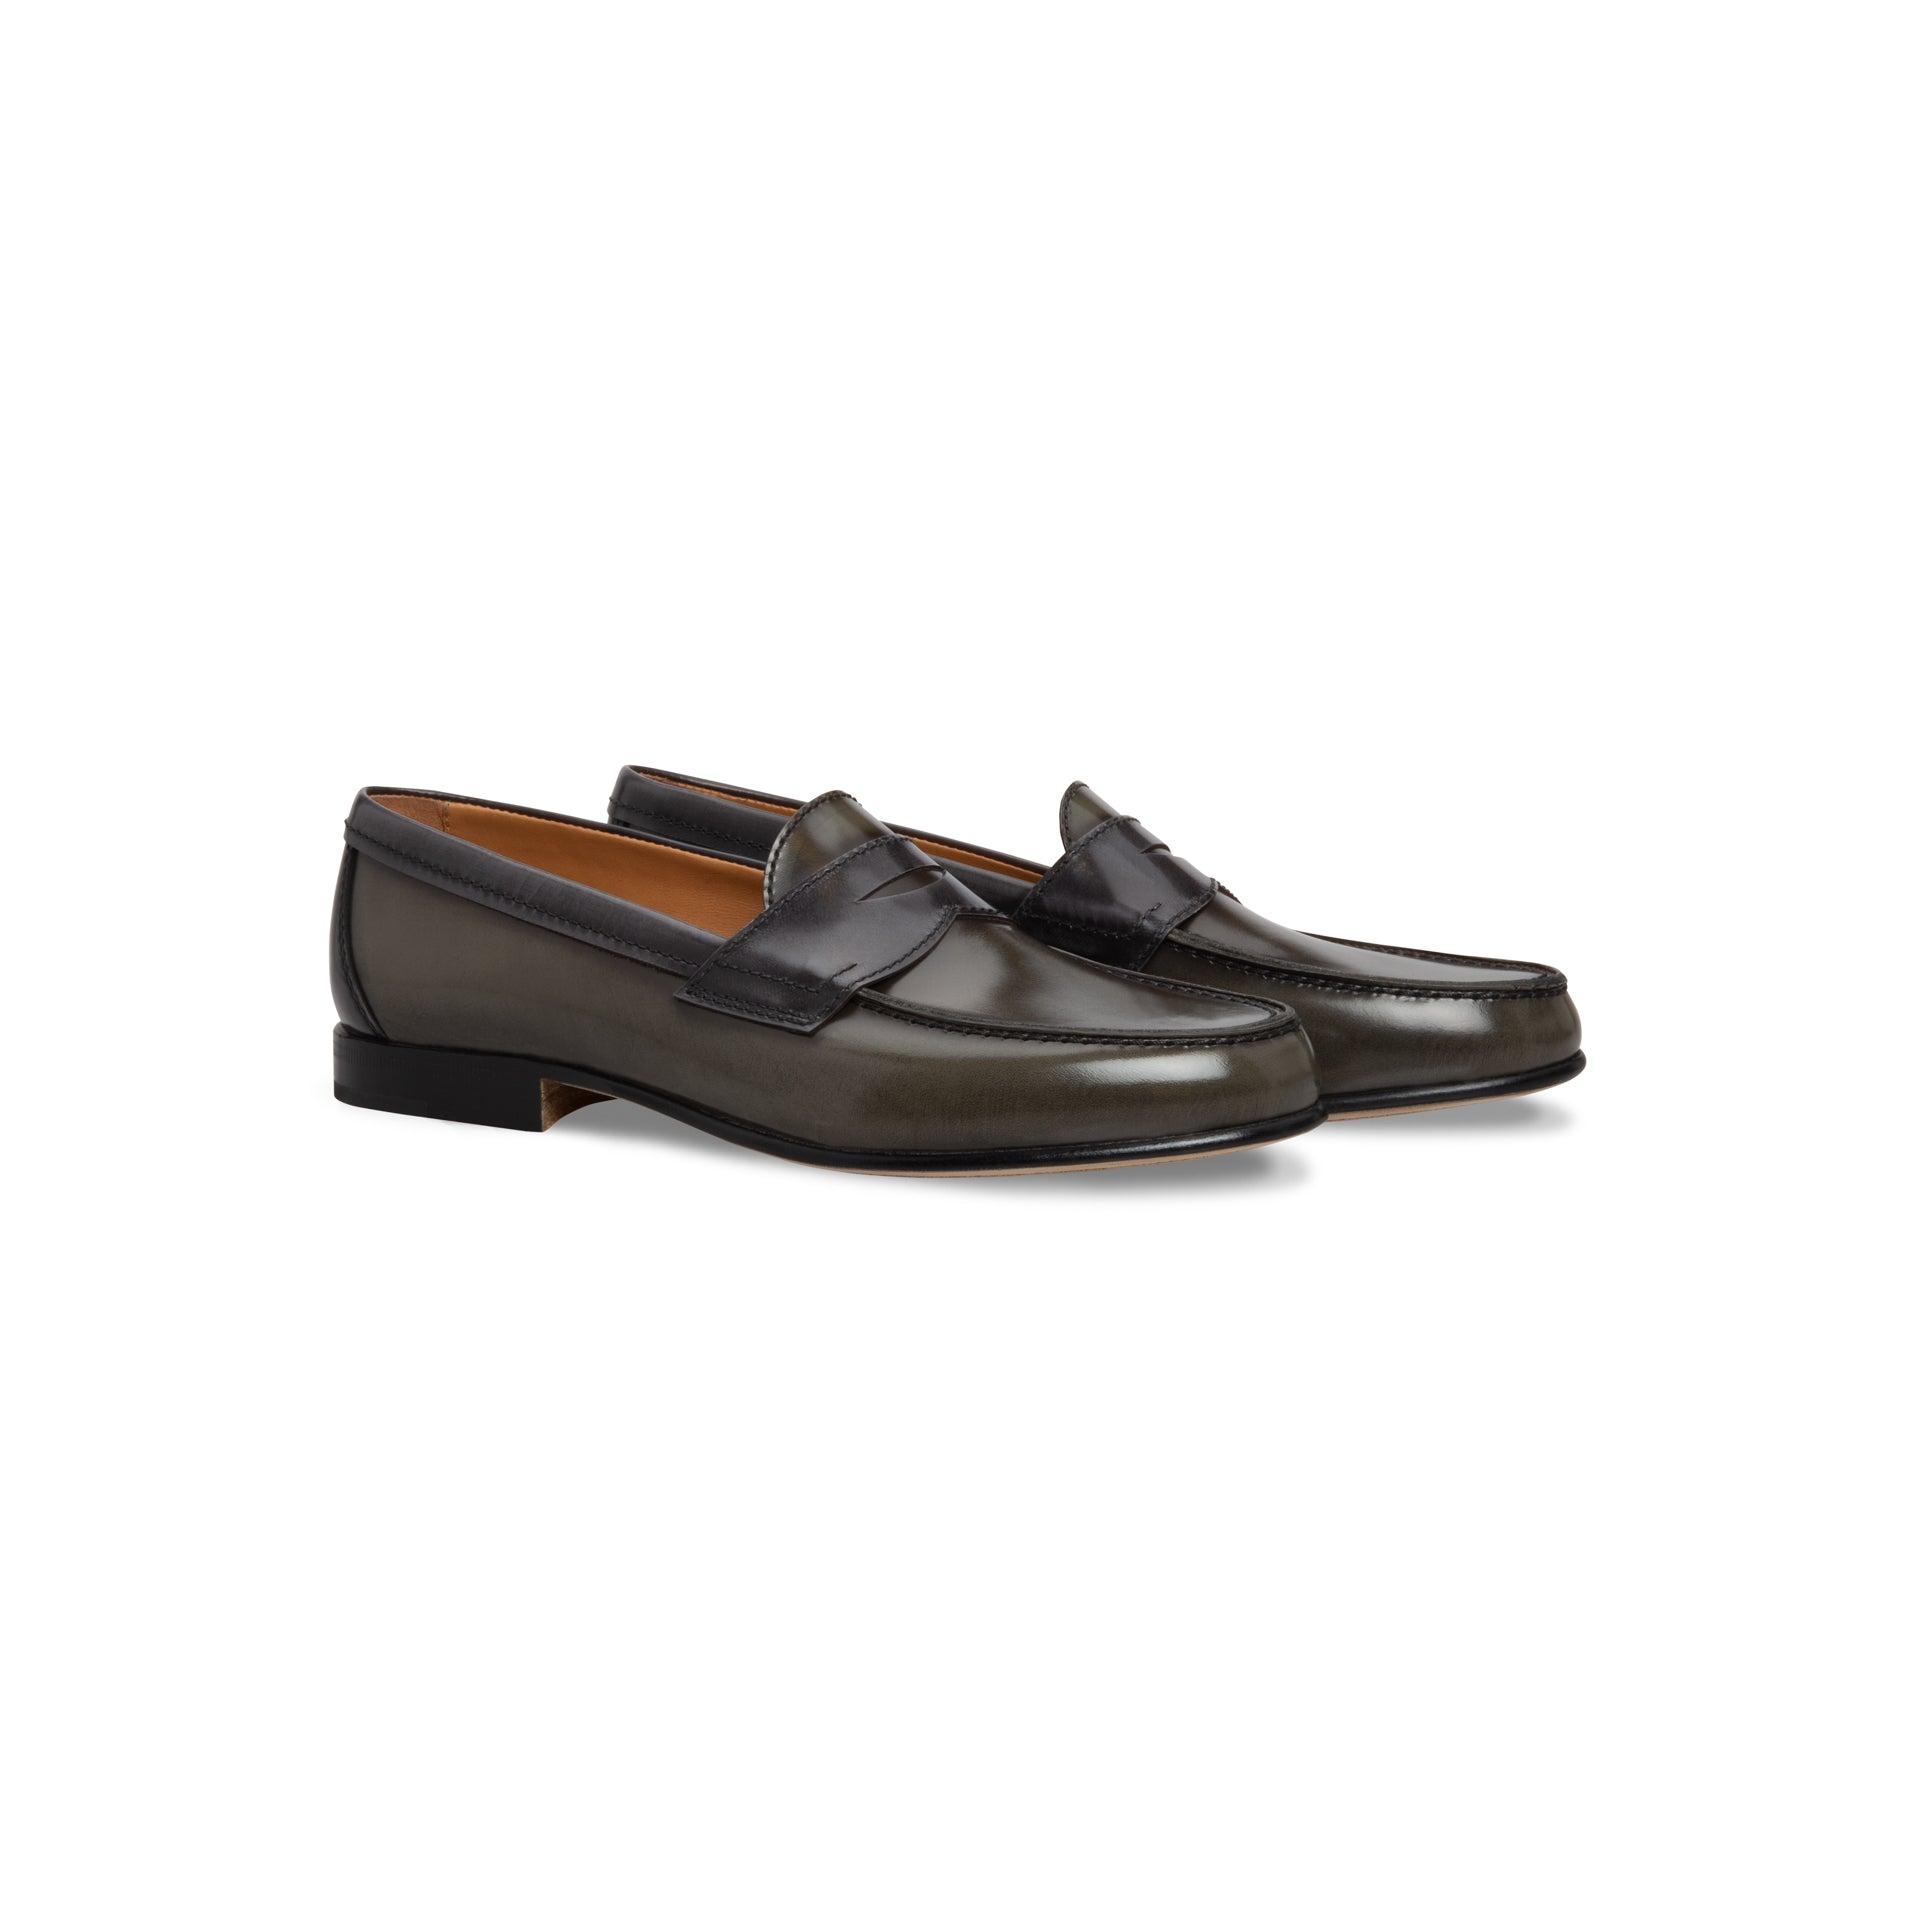 Moreschi Dark Green Brushed Calfskin Loafer Shoes